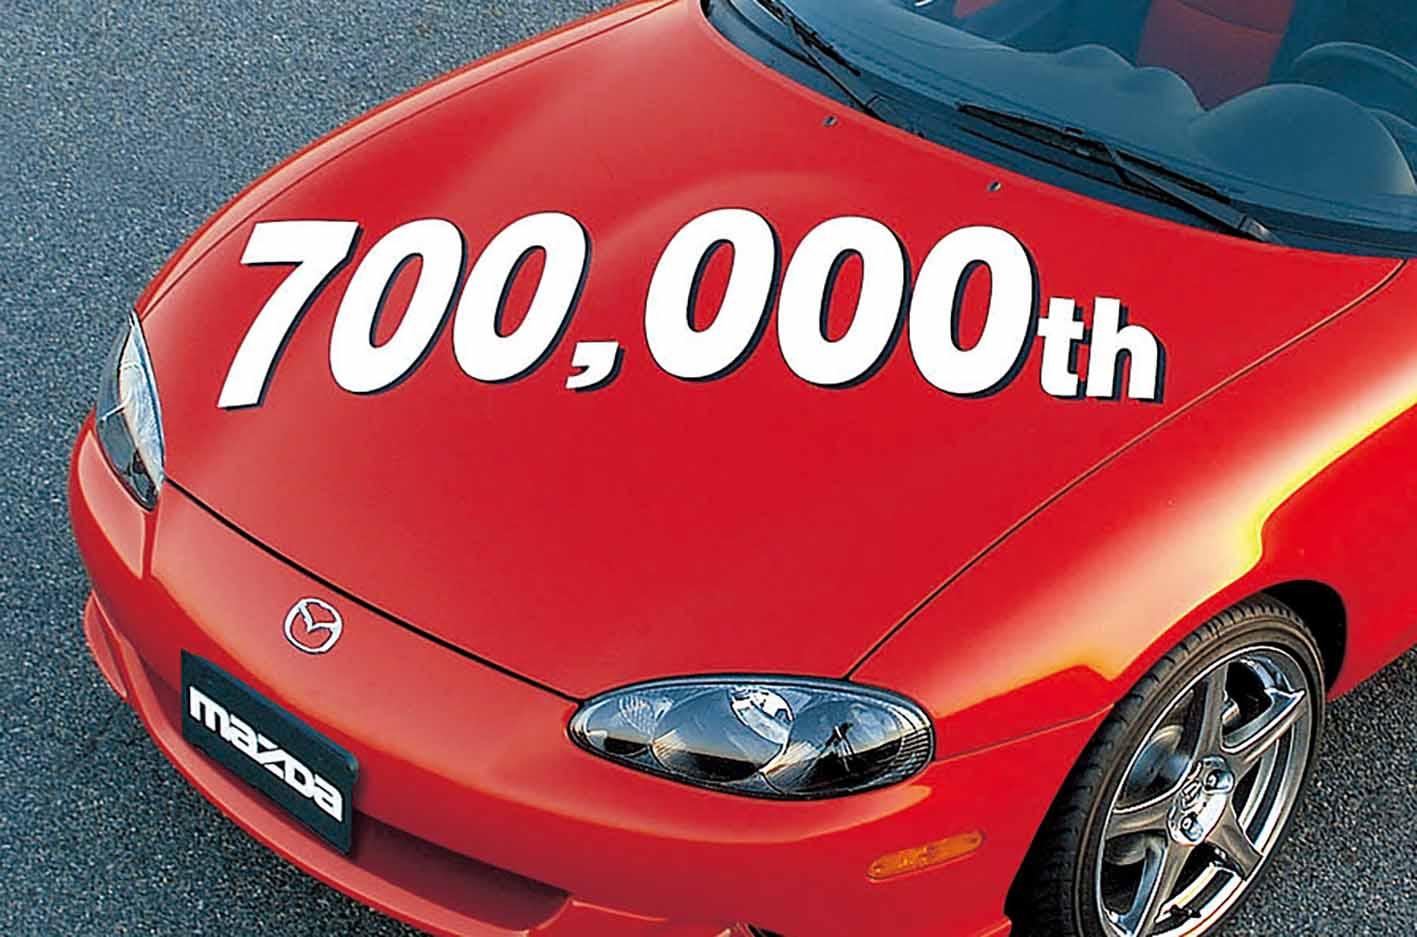 日々積み重ねて成就した不朽の記録 自動車業界に燦然と輝く金字塔